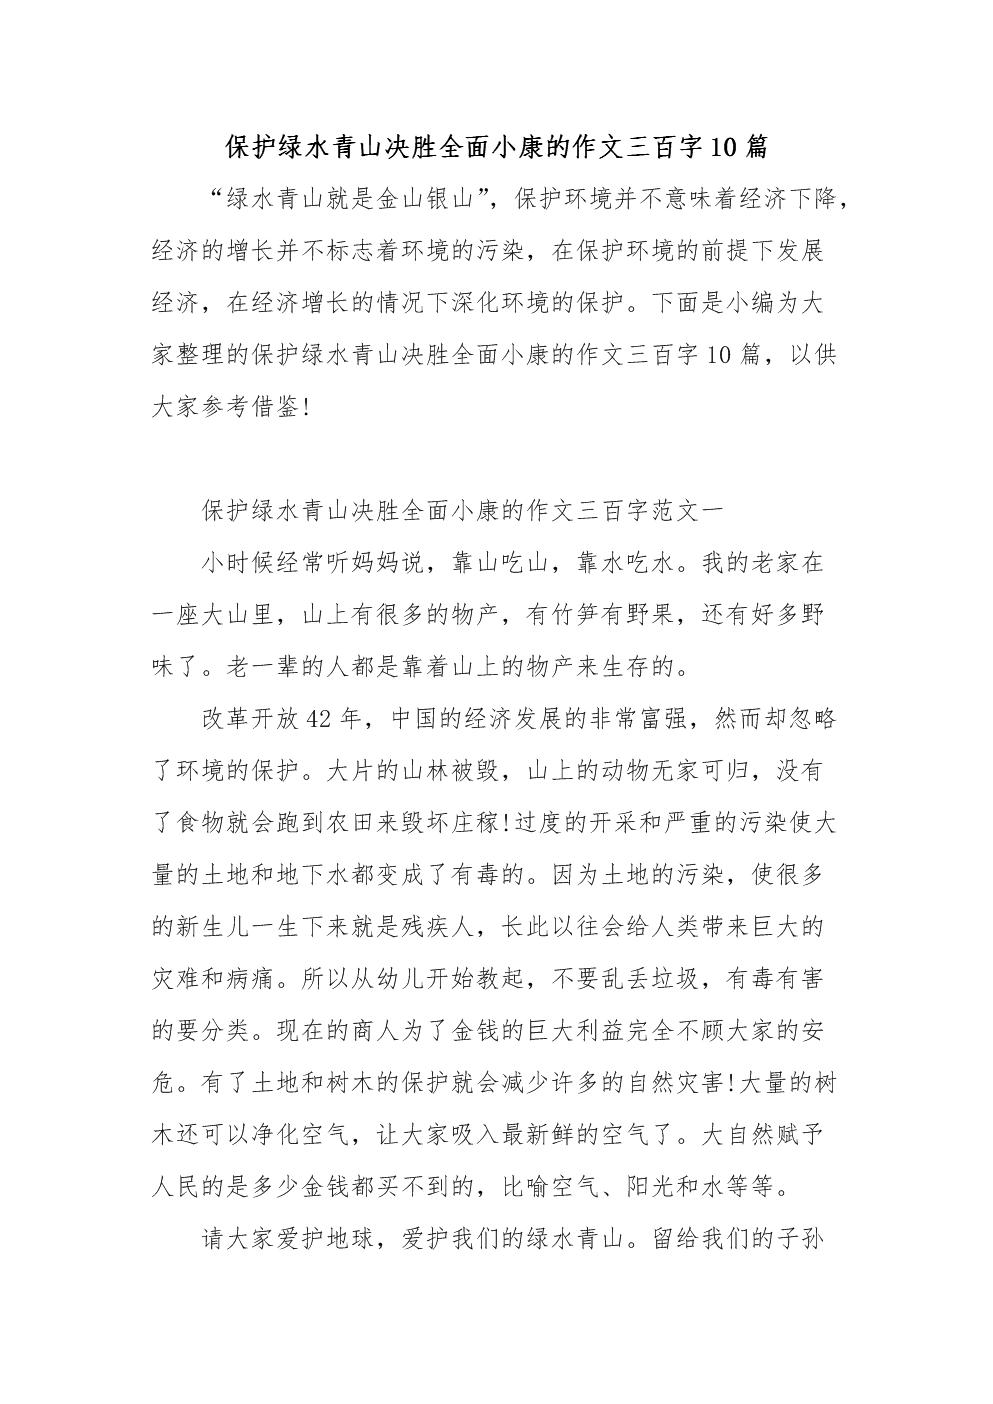 保护绿水青山决胜全面小康的作文三百字10篇.docx